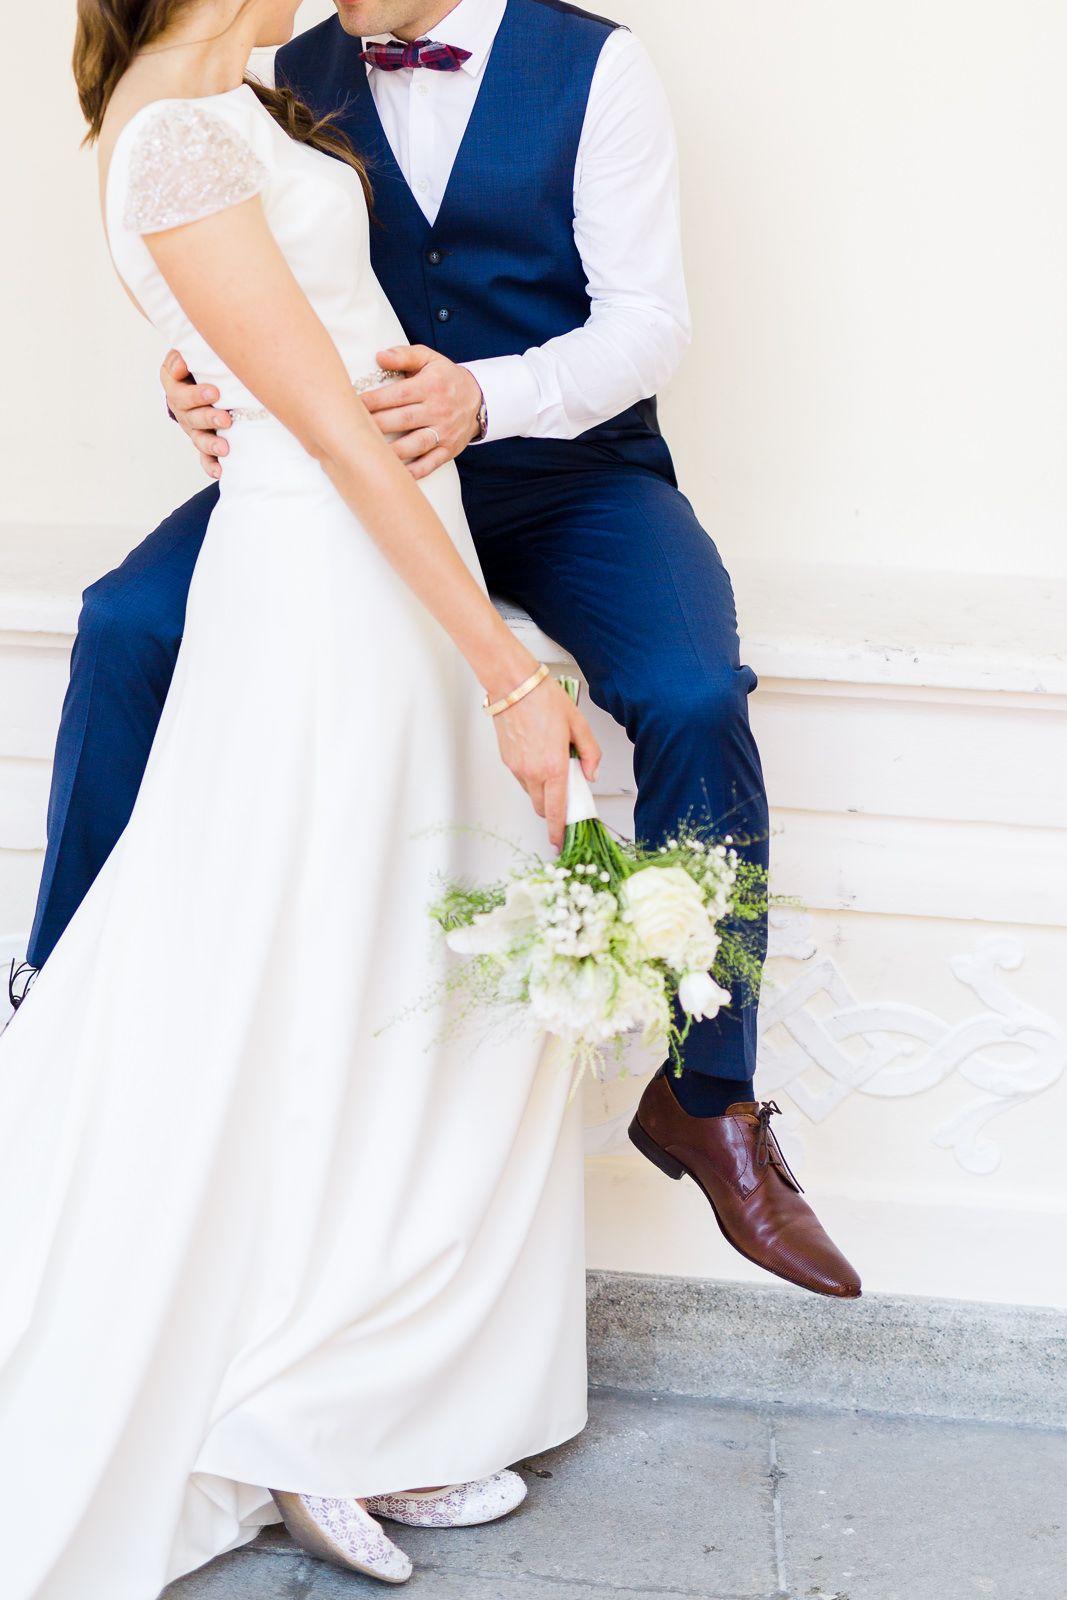 Schwedische Hochzeit In Steyr In 2020 Schwedische Hochzeit Hochzeit Trauzeuge